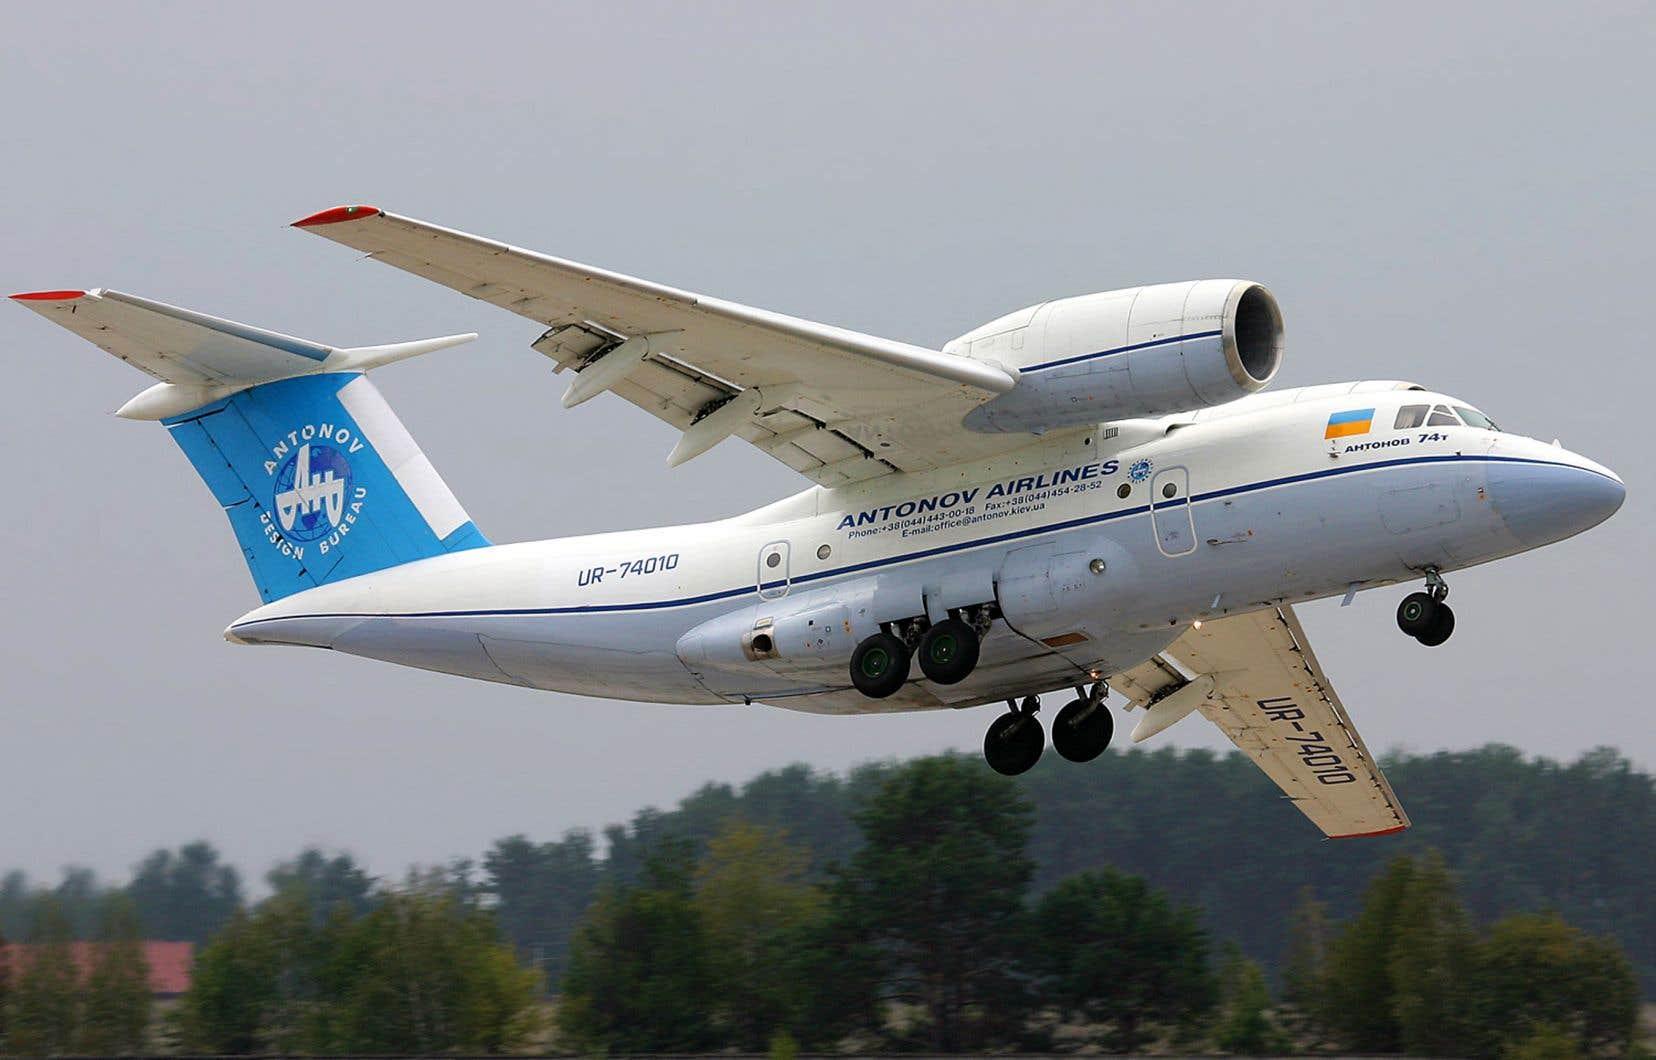 Conçu à la fin des années 1970, l'AN-74 est un avion-cargo bimoteur qui peut voler sur une distance de 4600 kilomètres à une vitesse de 560 km/h.